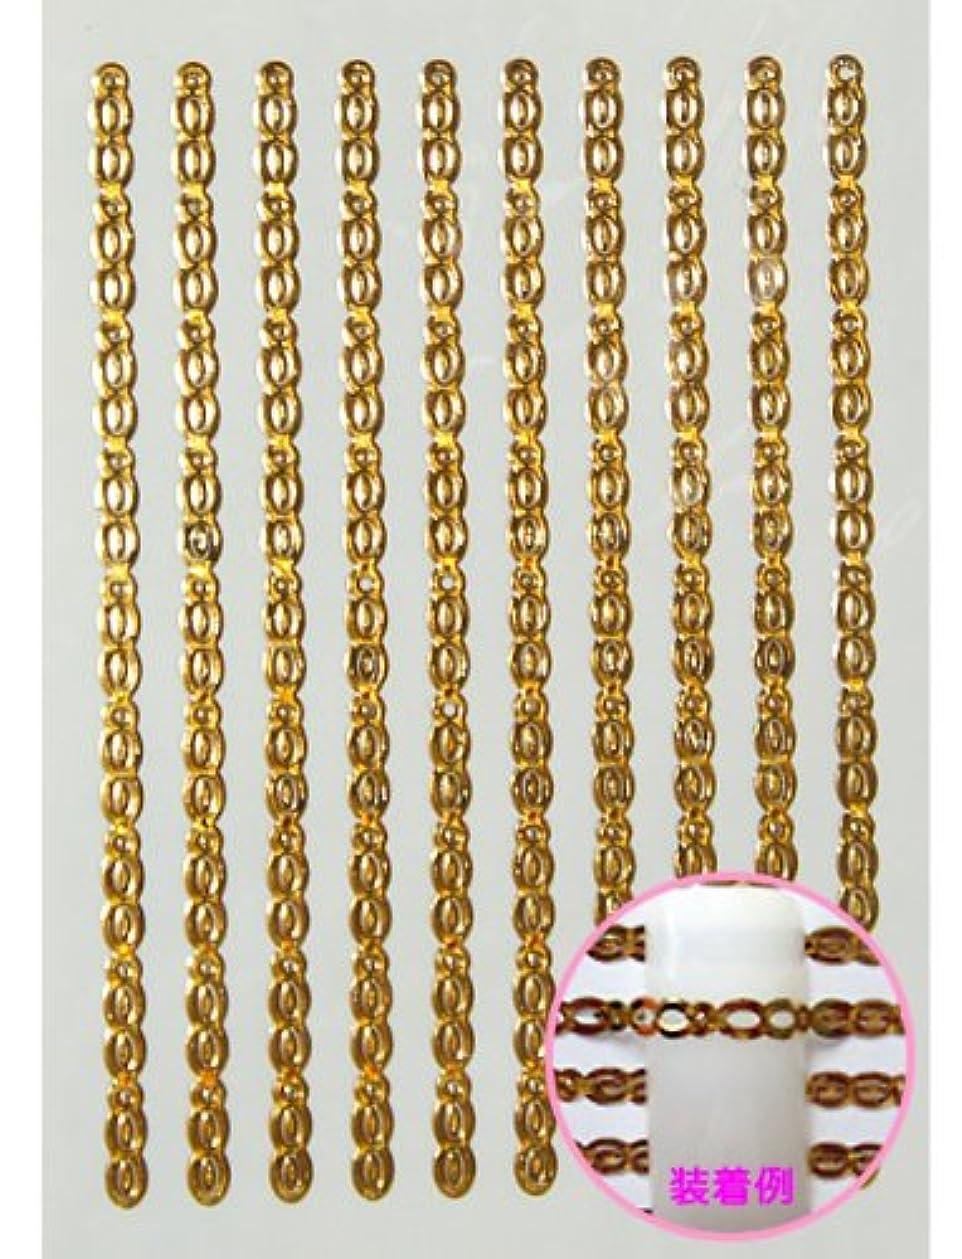 初心者飼い慣らすレンディションネイルシール メタルパーツのようなネイルシール チェーンゴールド [#4]ジェルネイルアート